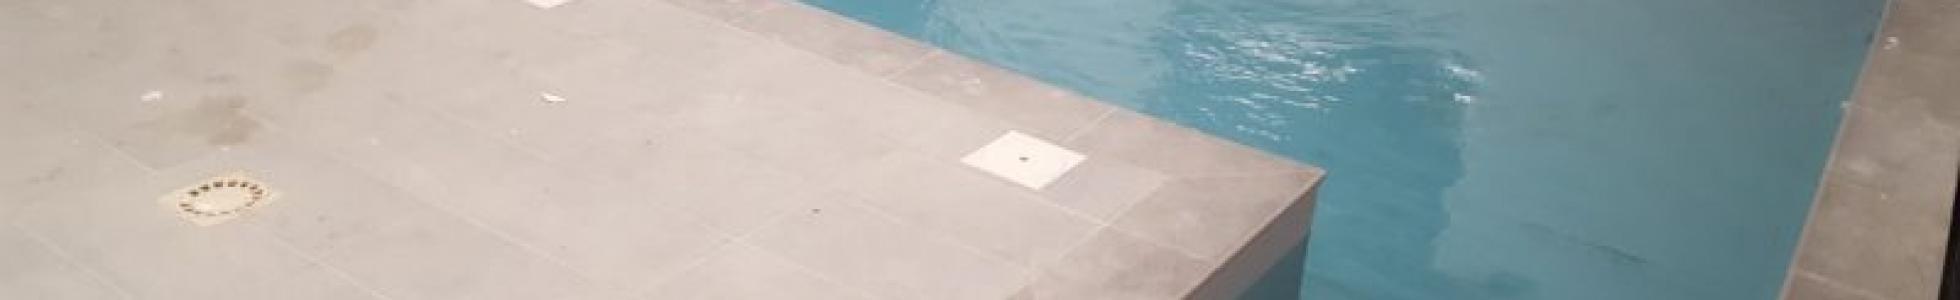 Pose pvc armé piscine intérieure